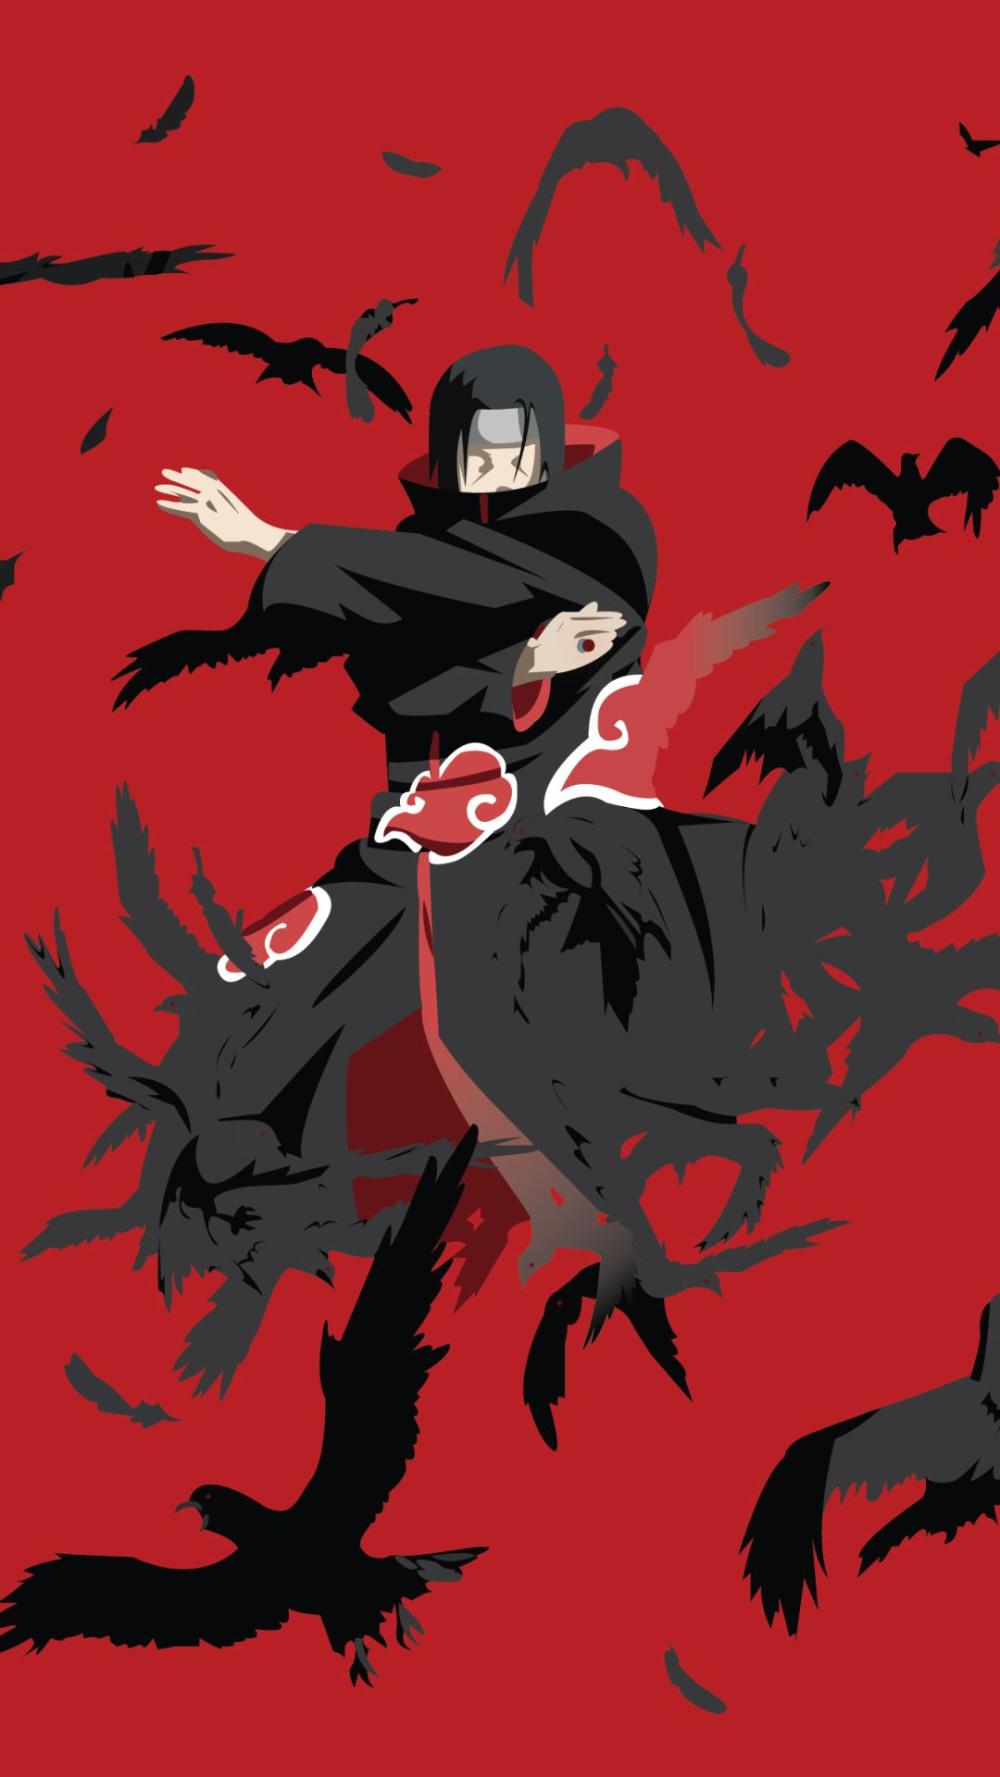 Fond D Ecran Itachi Wallpaper Les Meilleurs Fond D Ecran Naruto Manga Itachi Euror Itachi Mangekyou Sharingan Art Naruto